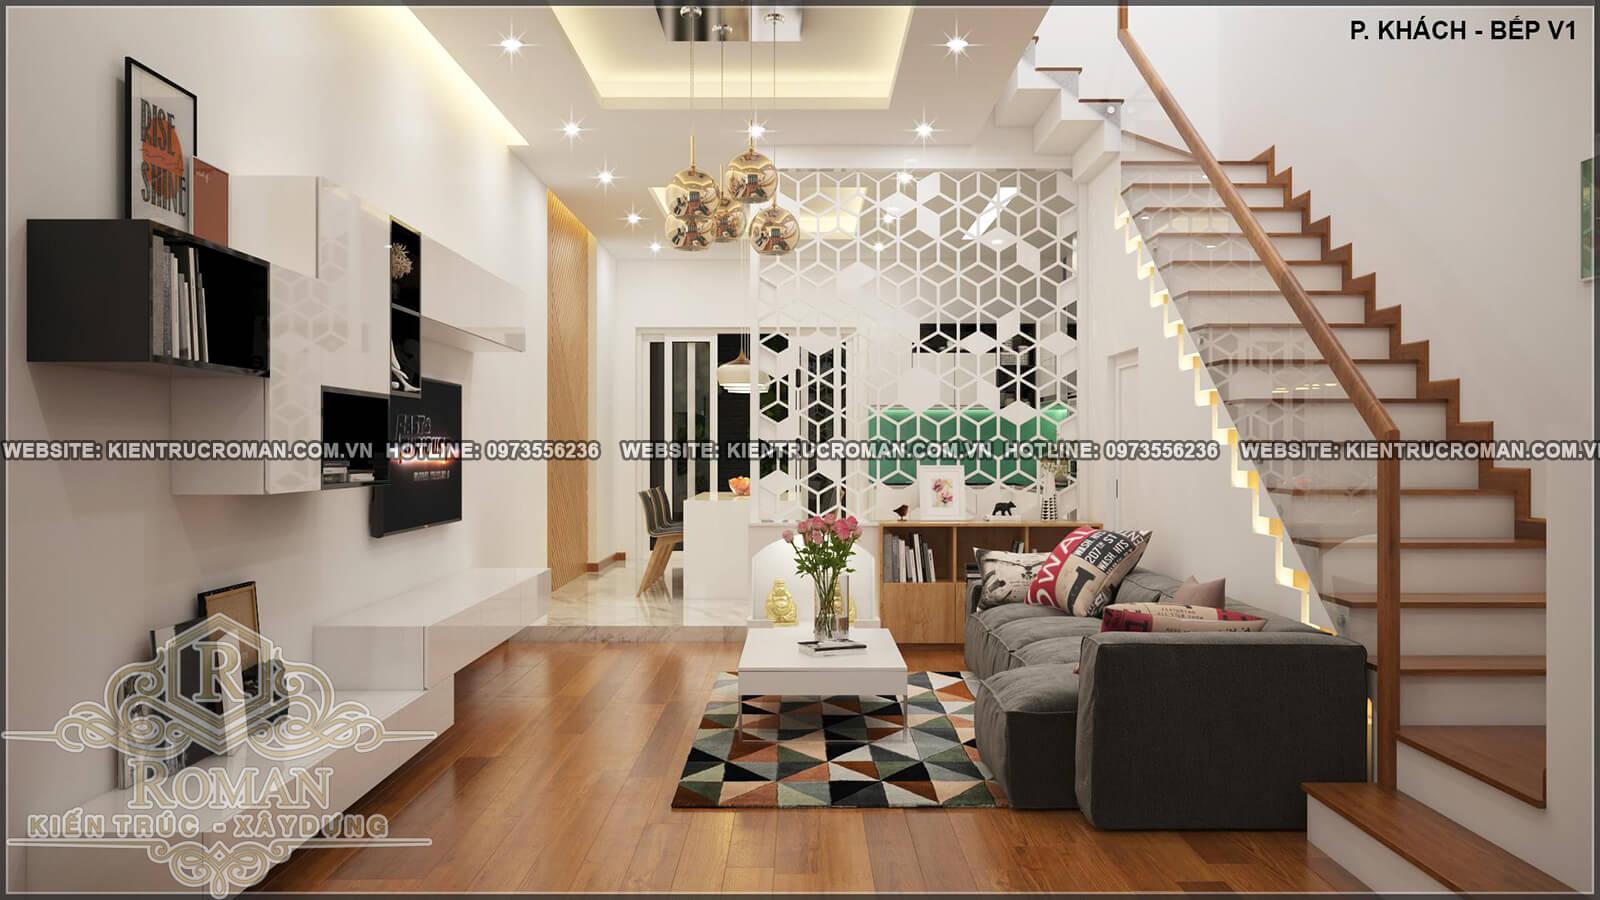 phòng khách thiết kế nhà ống 4 tầng